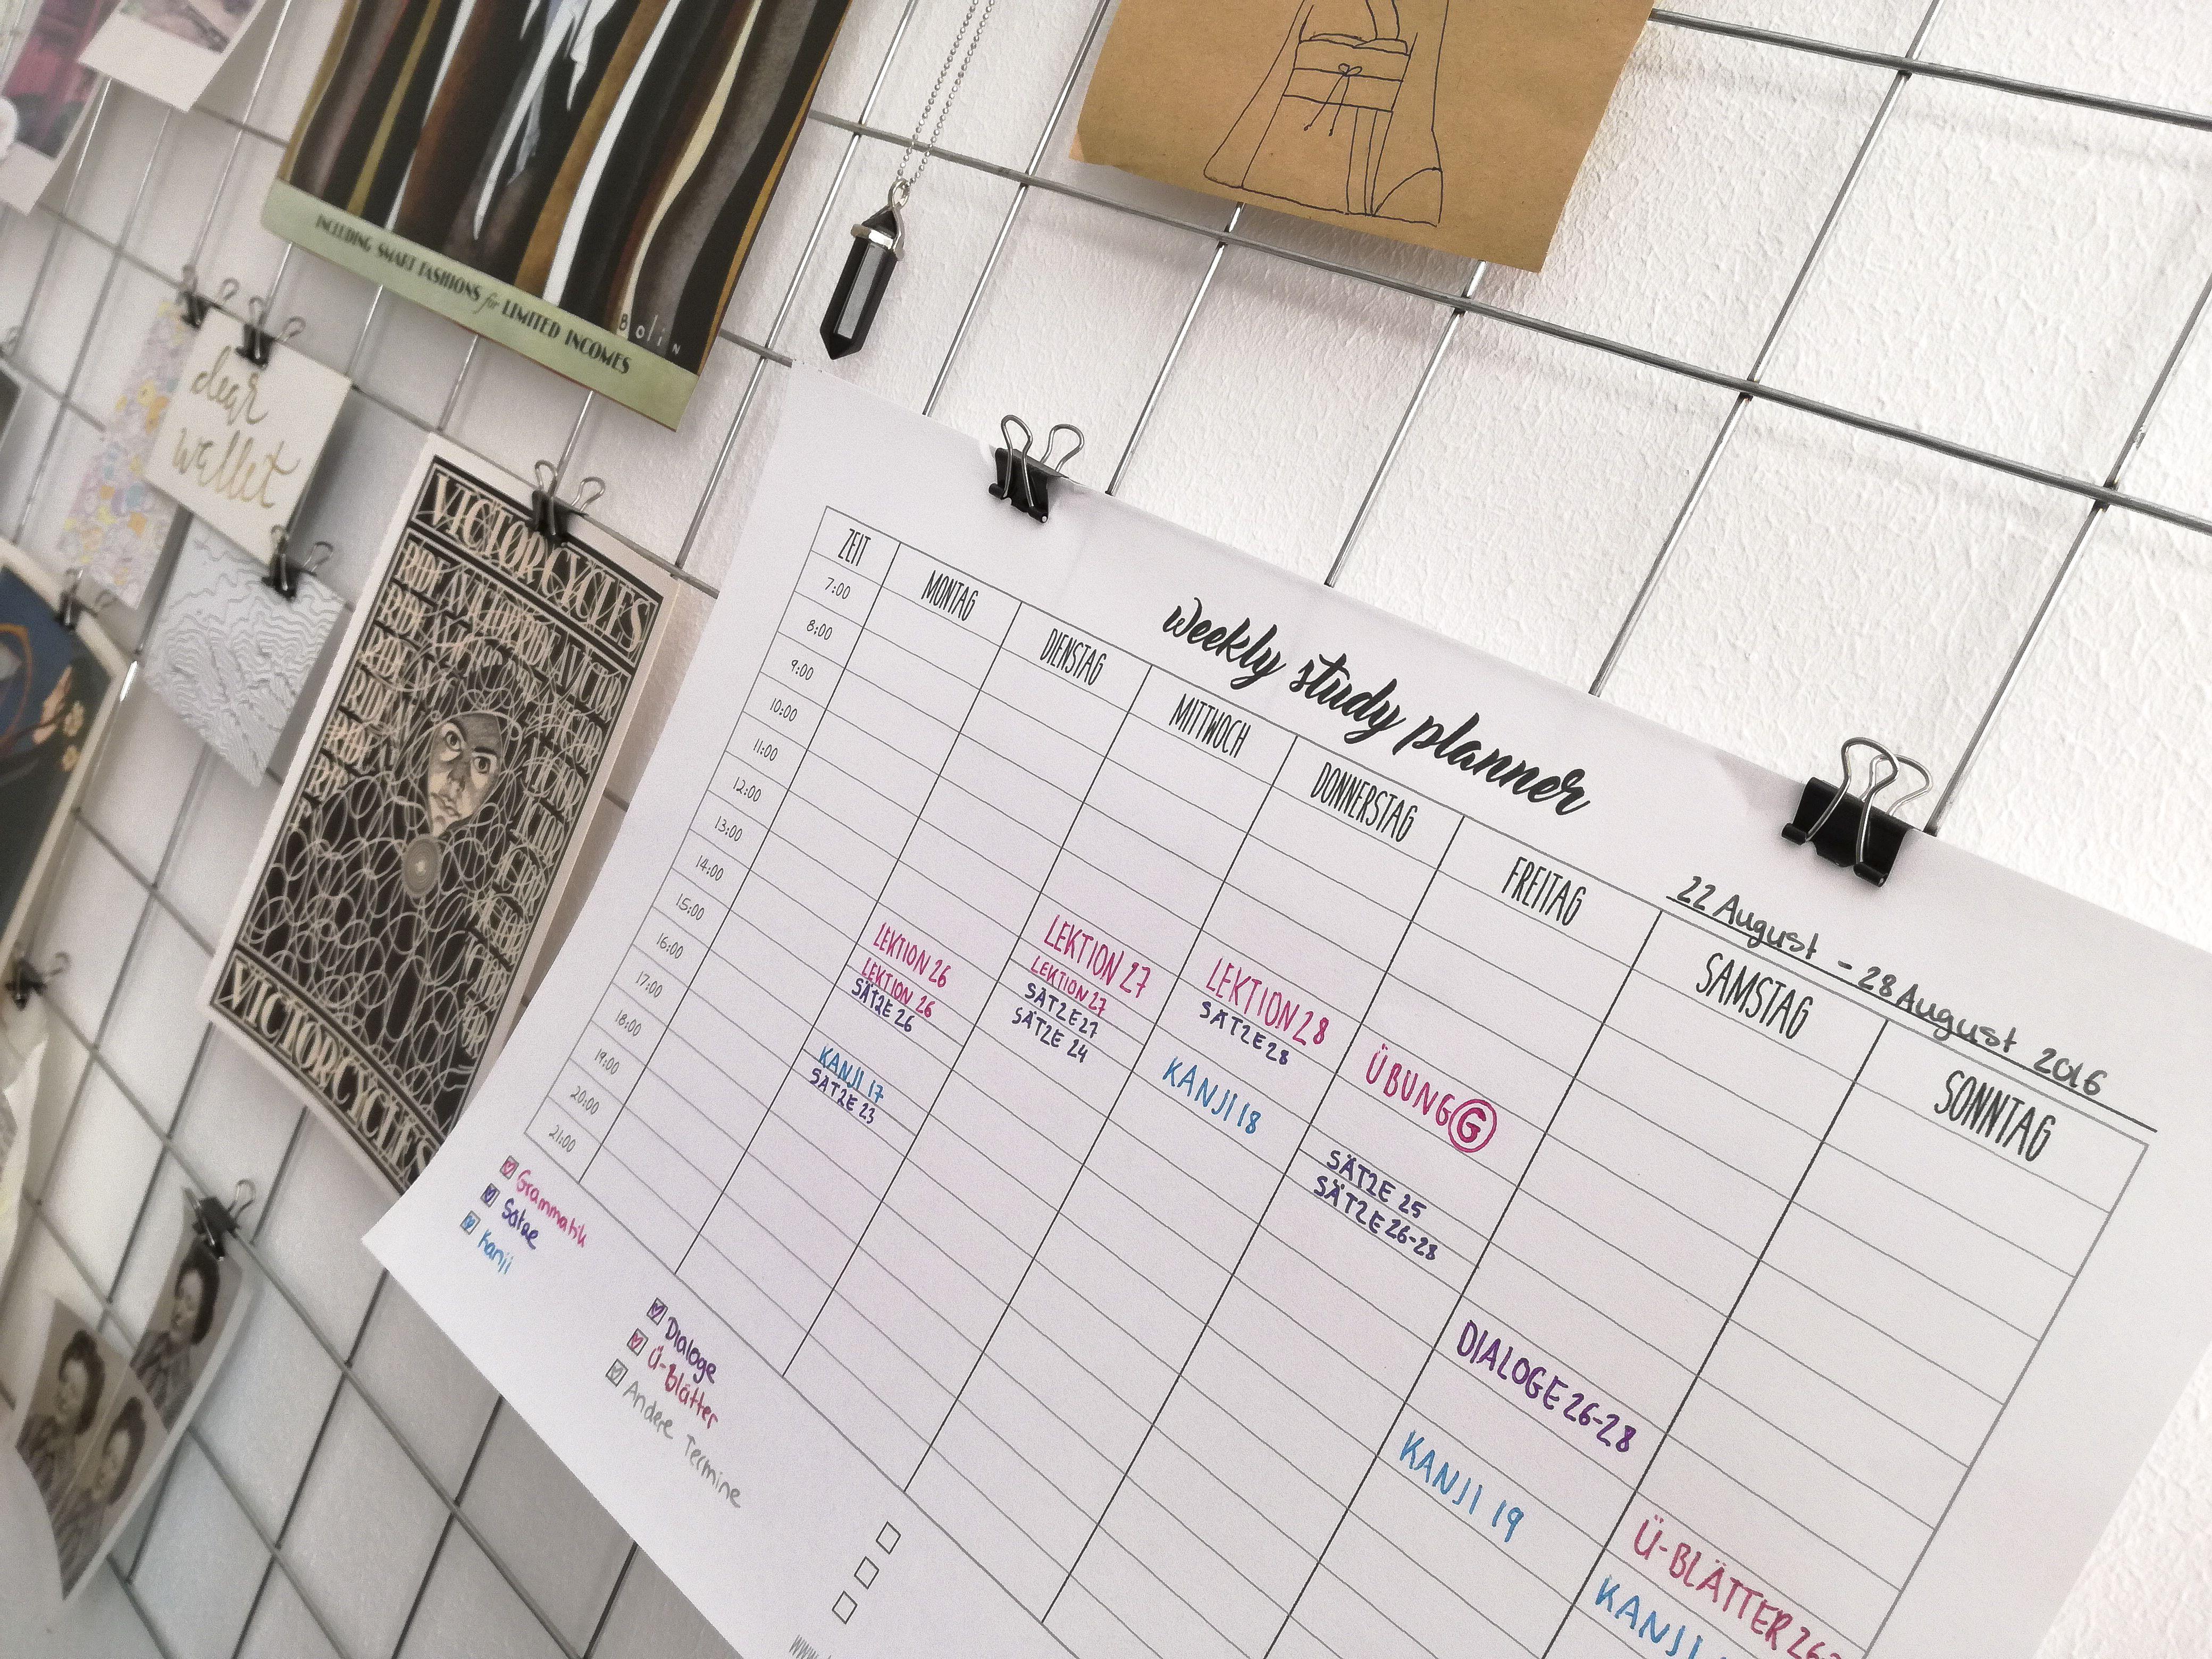 Weekly Study Planner Printable. Lernplan erstellen | Besser Lernen ...